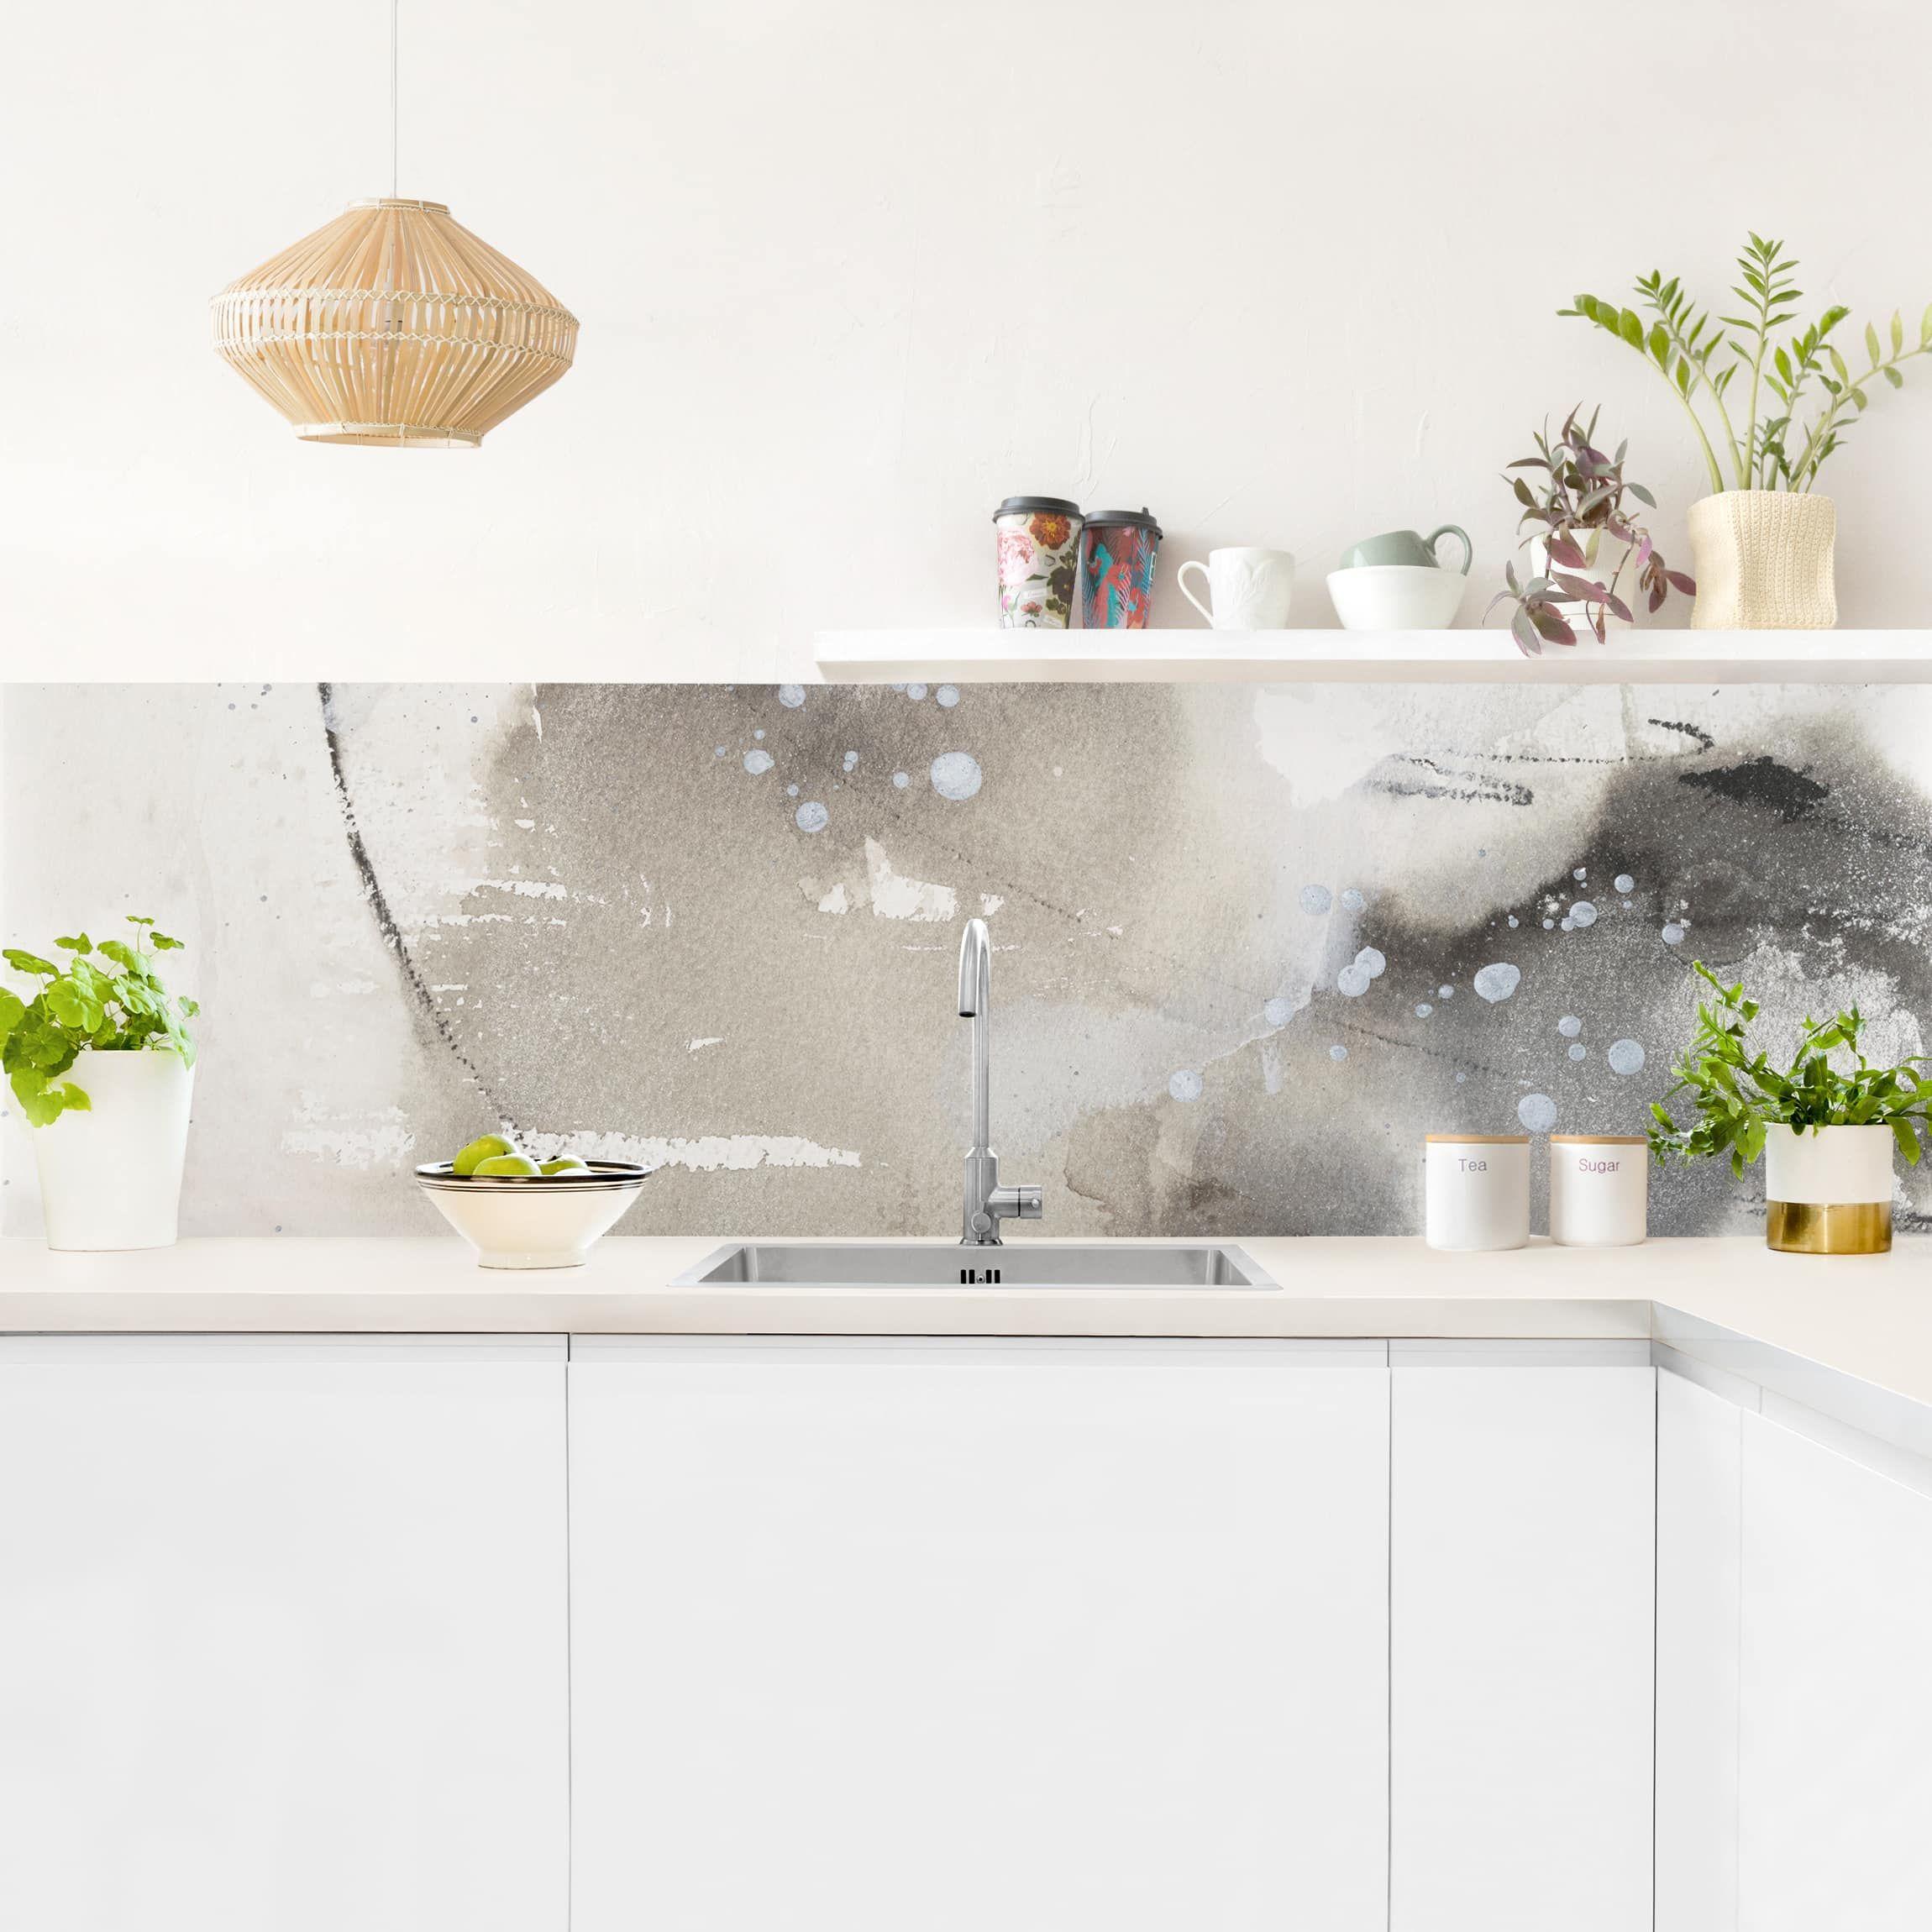 Kuchenruckwand Mystische Objekte I In 2020 Kuchen Ruckwand